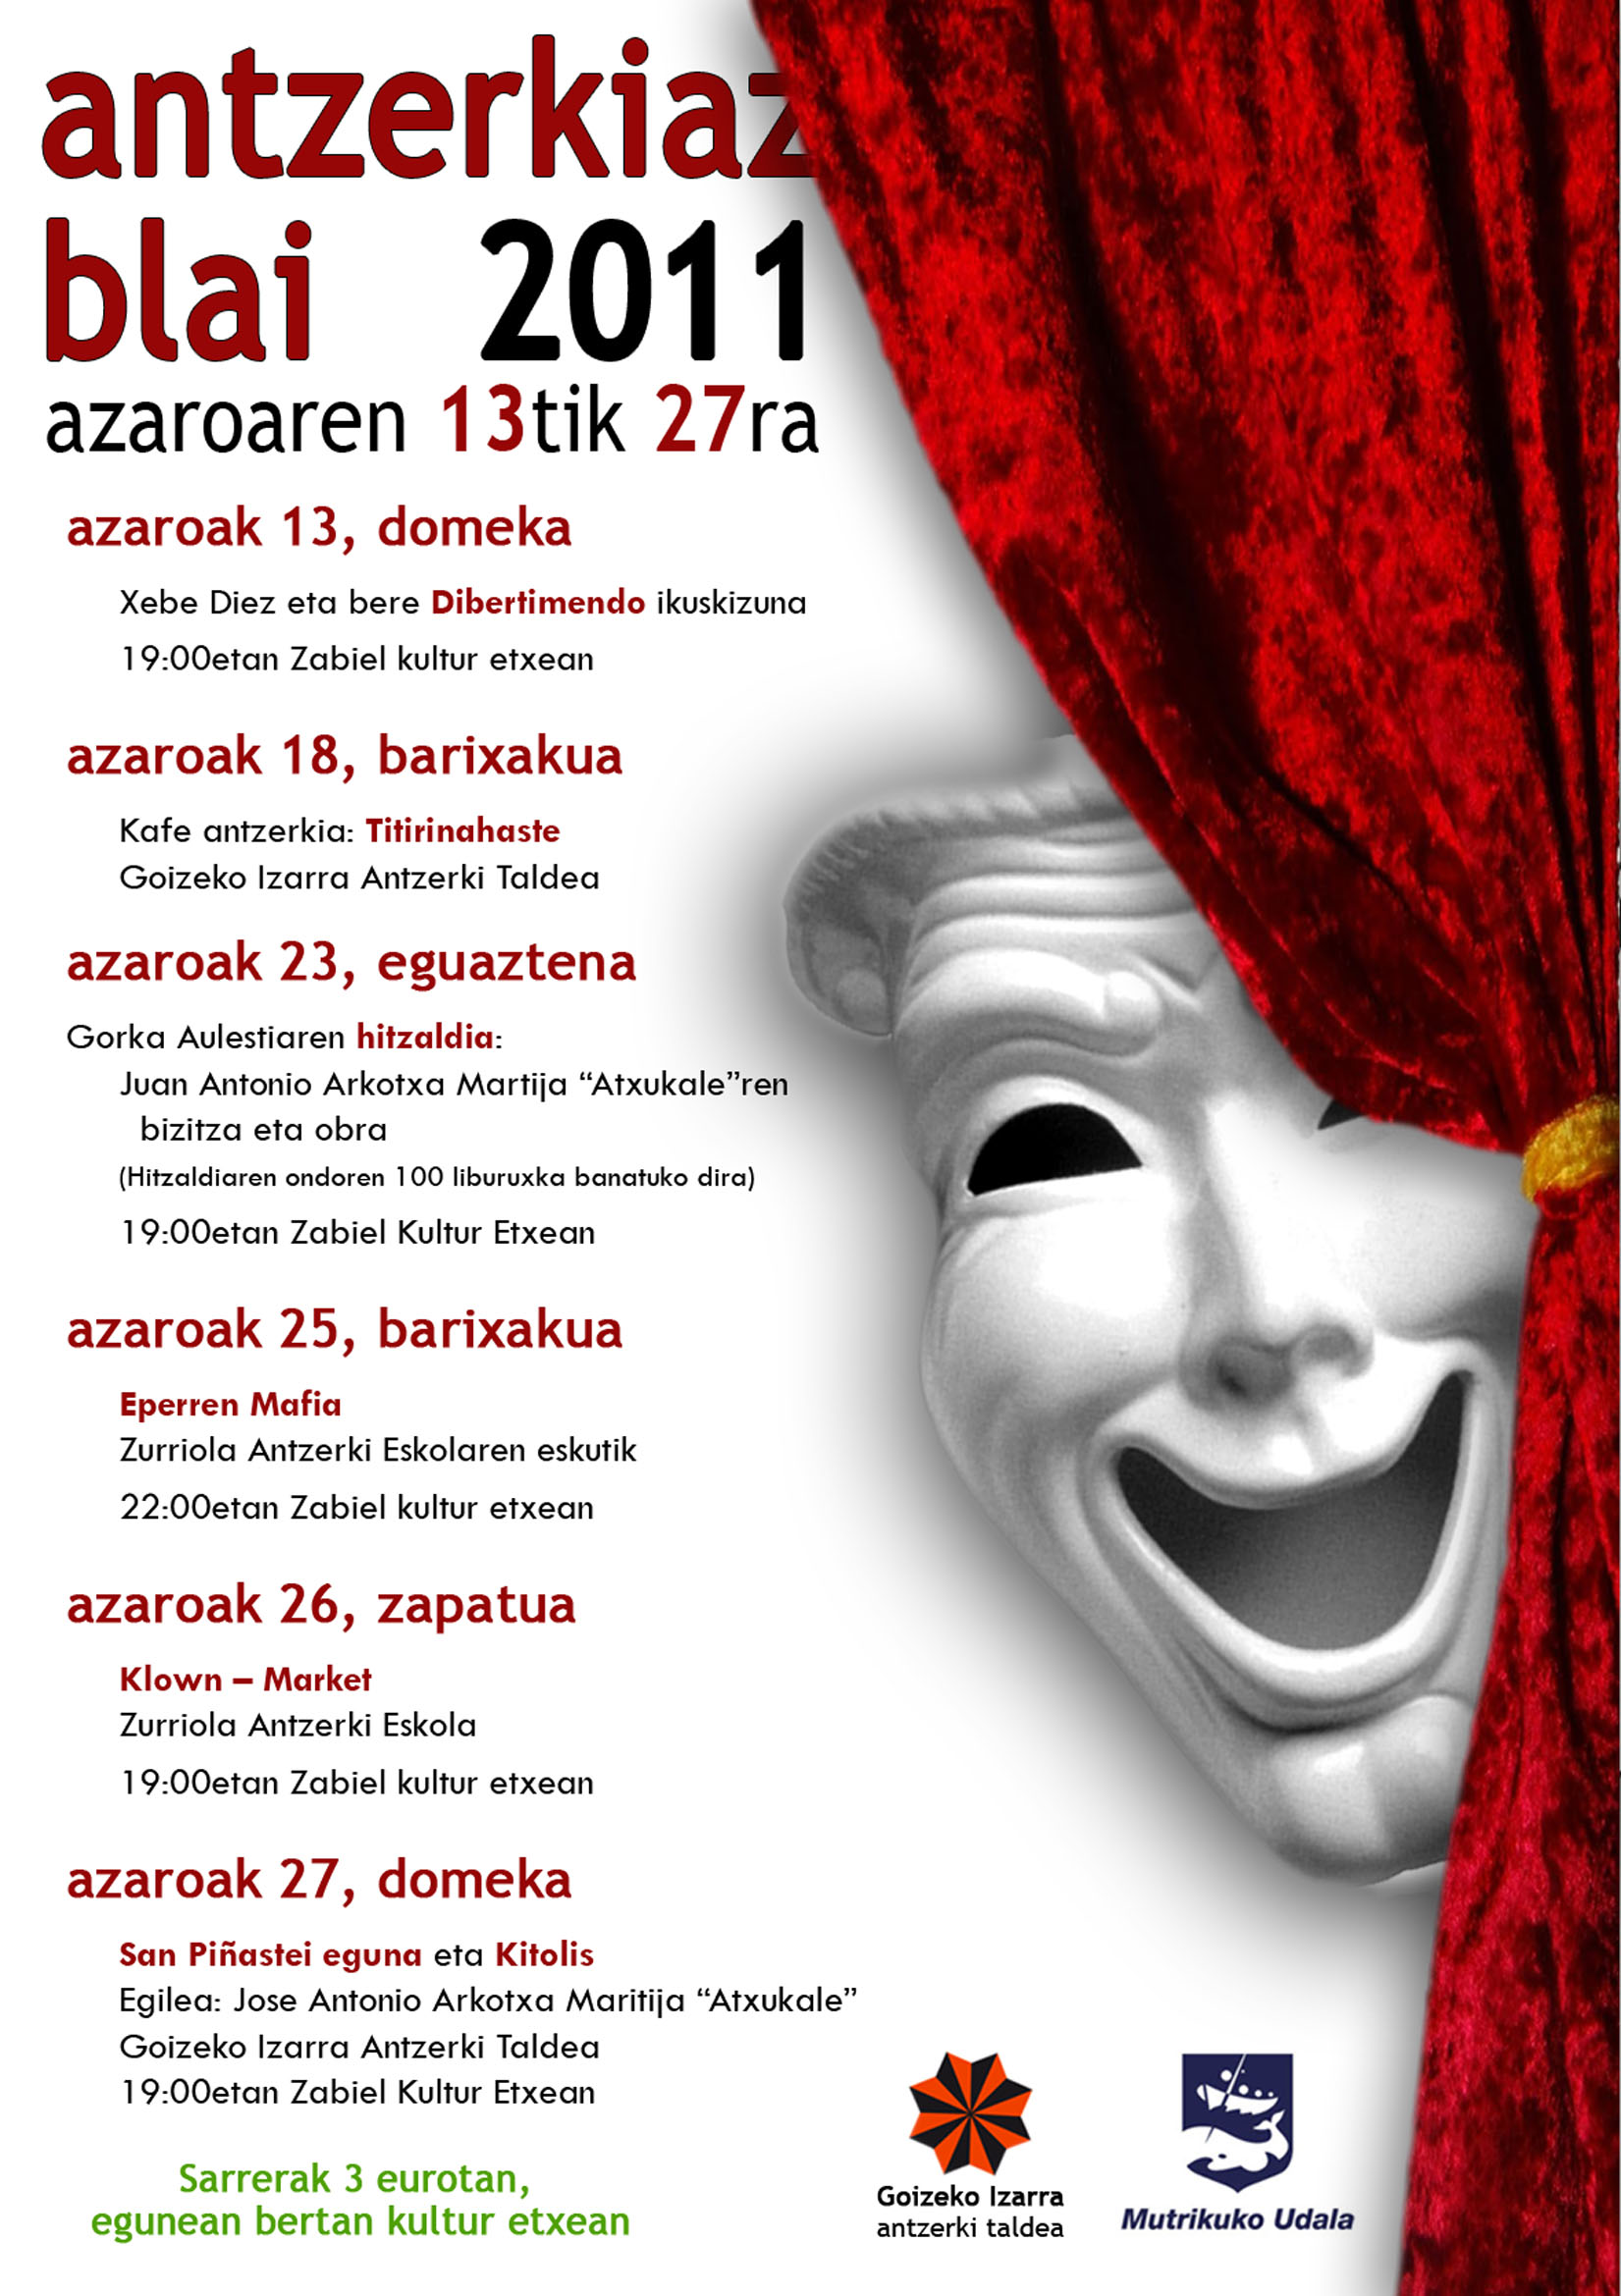 Cartel de Antzerkiaz Blai